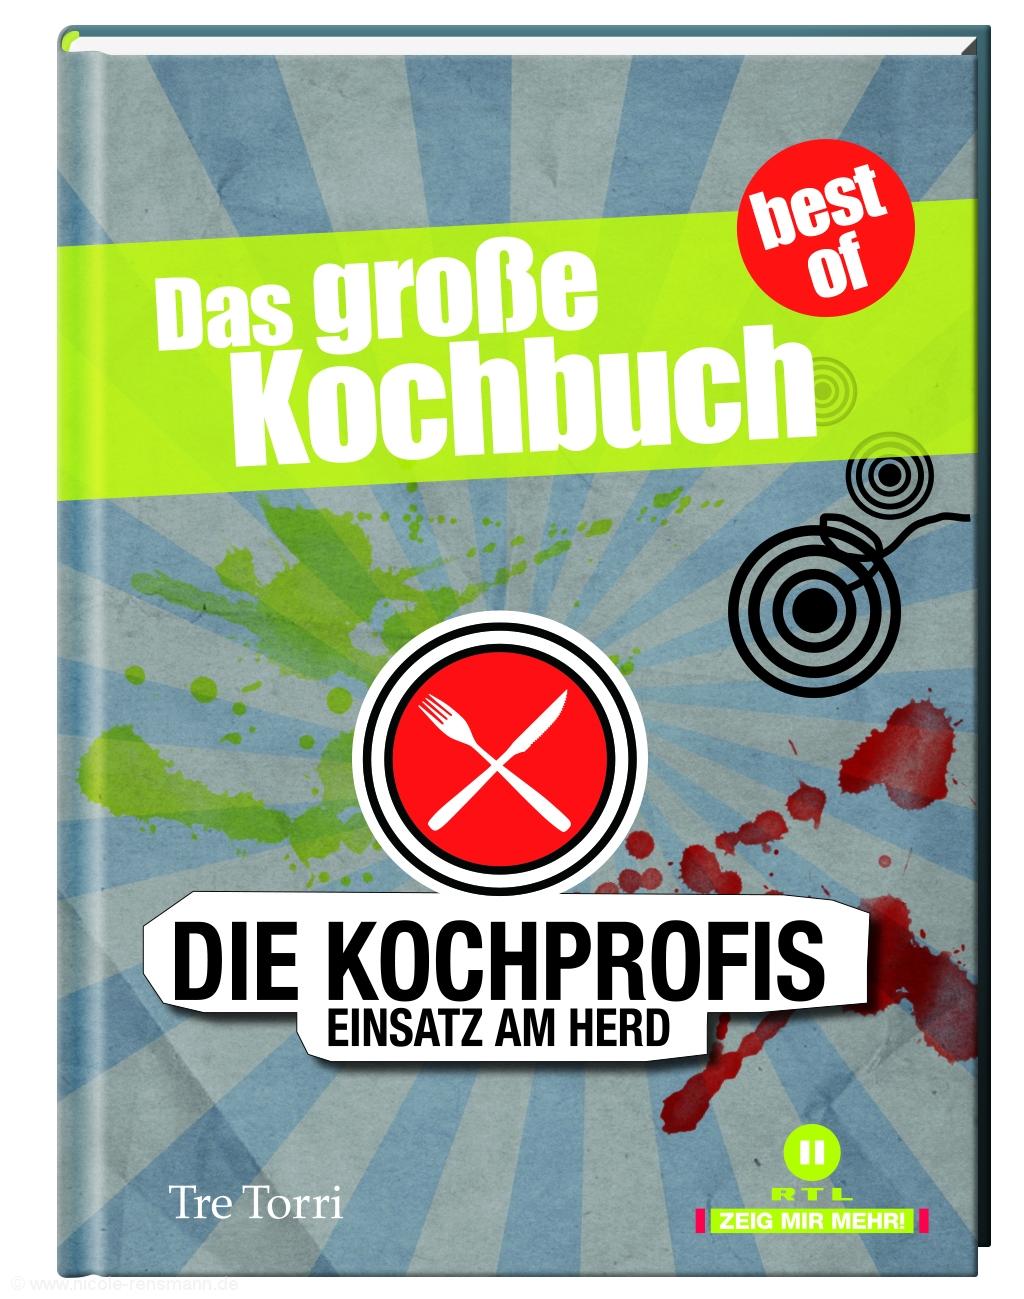 © Cover: »Das große Kochbuch - best of« (Band 4) von Die Kochprofis / Tre Torri Verlag